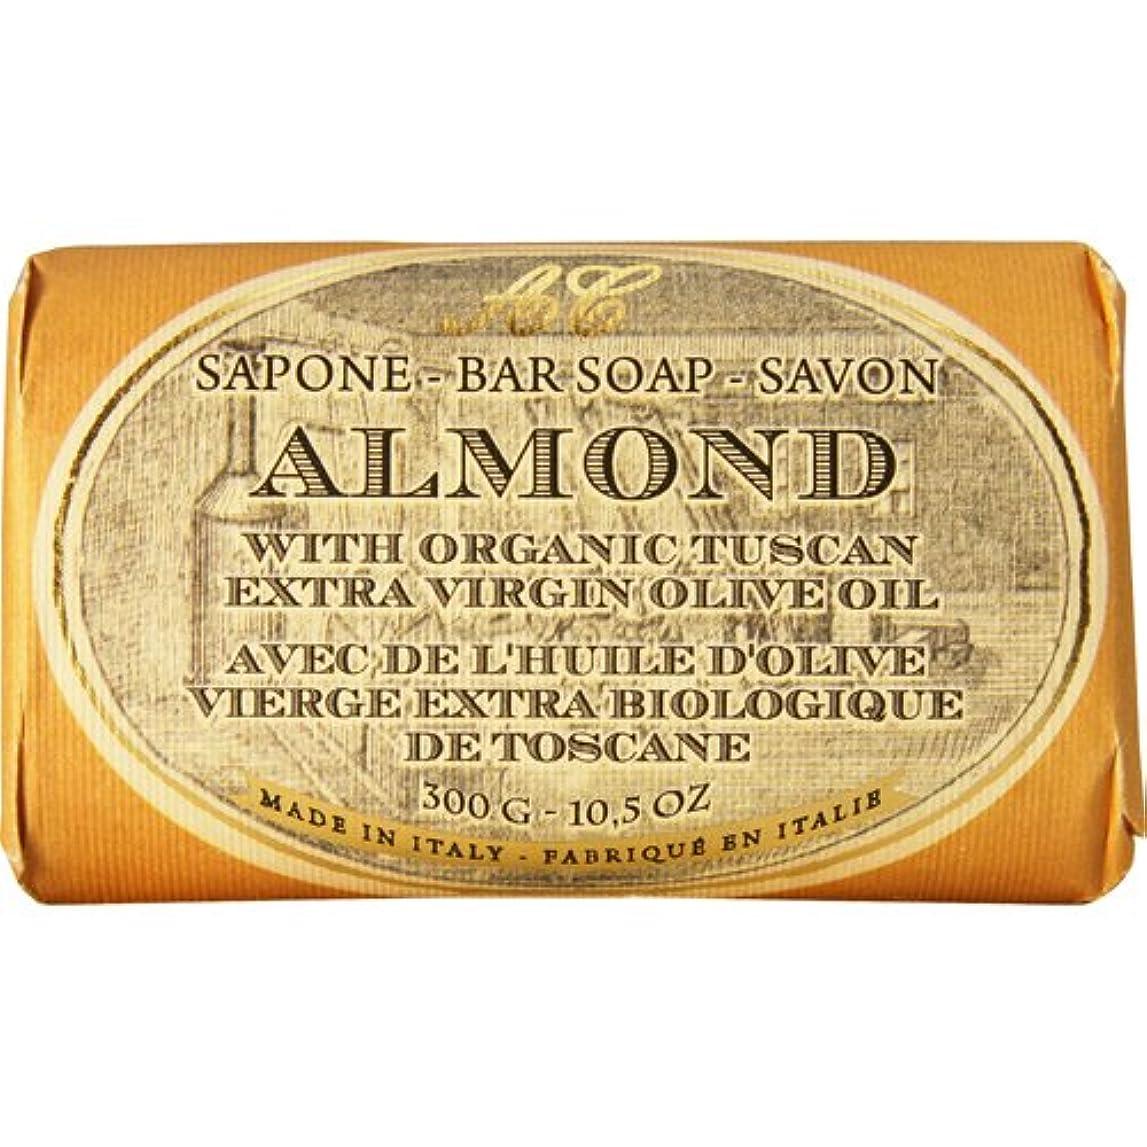 教育学束サービスSaponerire Fissi レトロシリーズ Bar Soap バーソープ 300g Almond アーモンドオイル